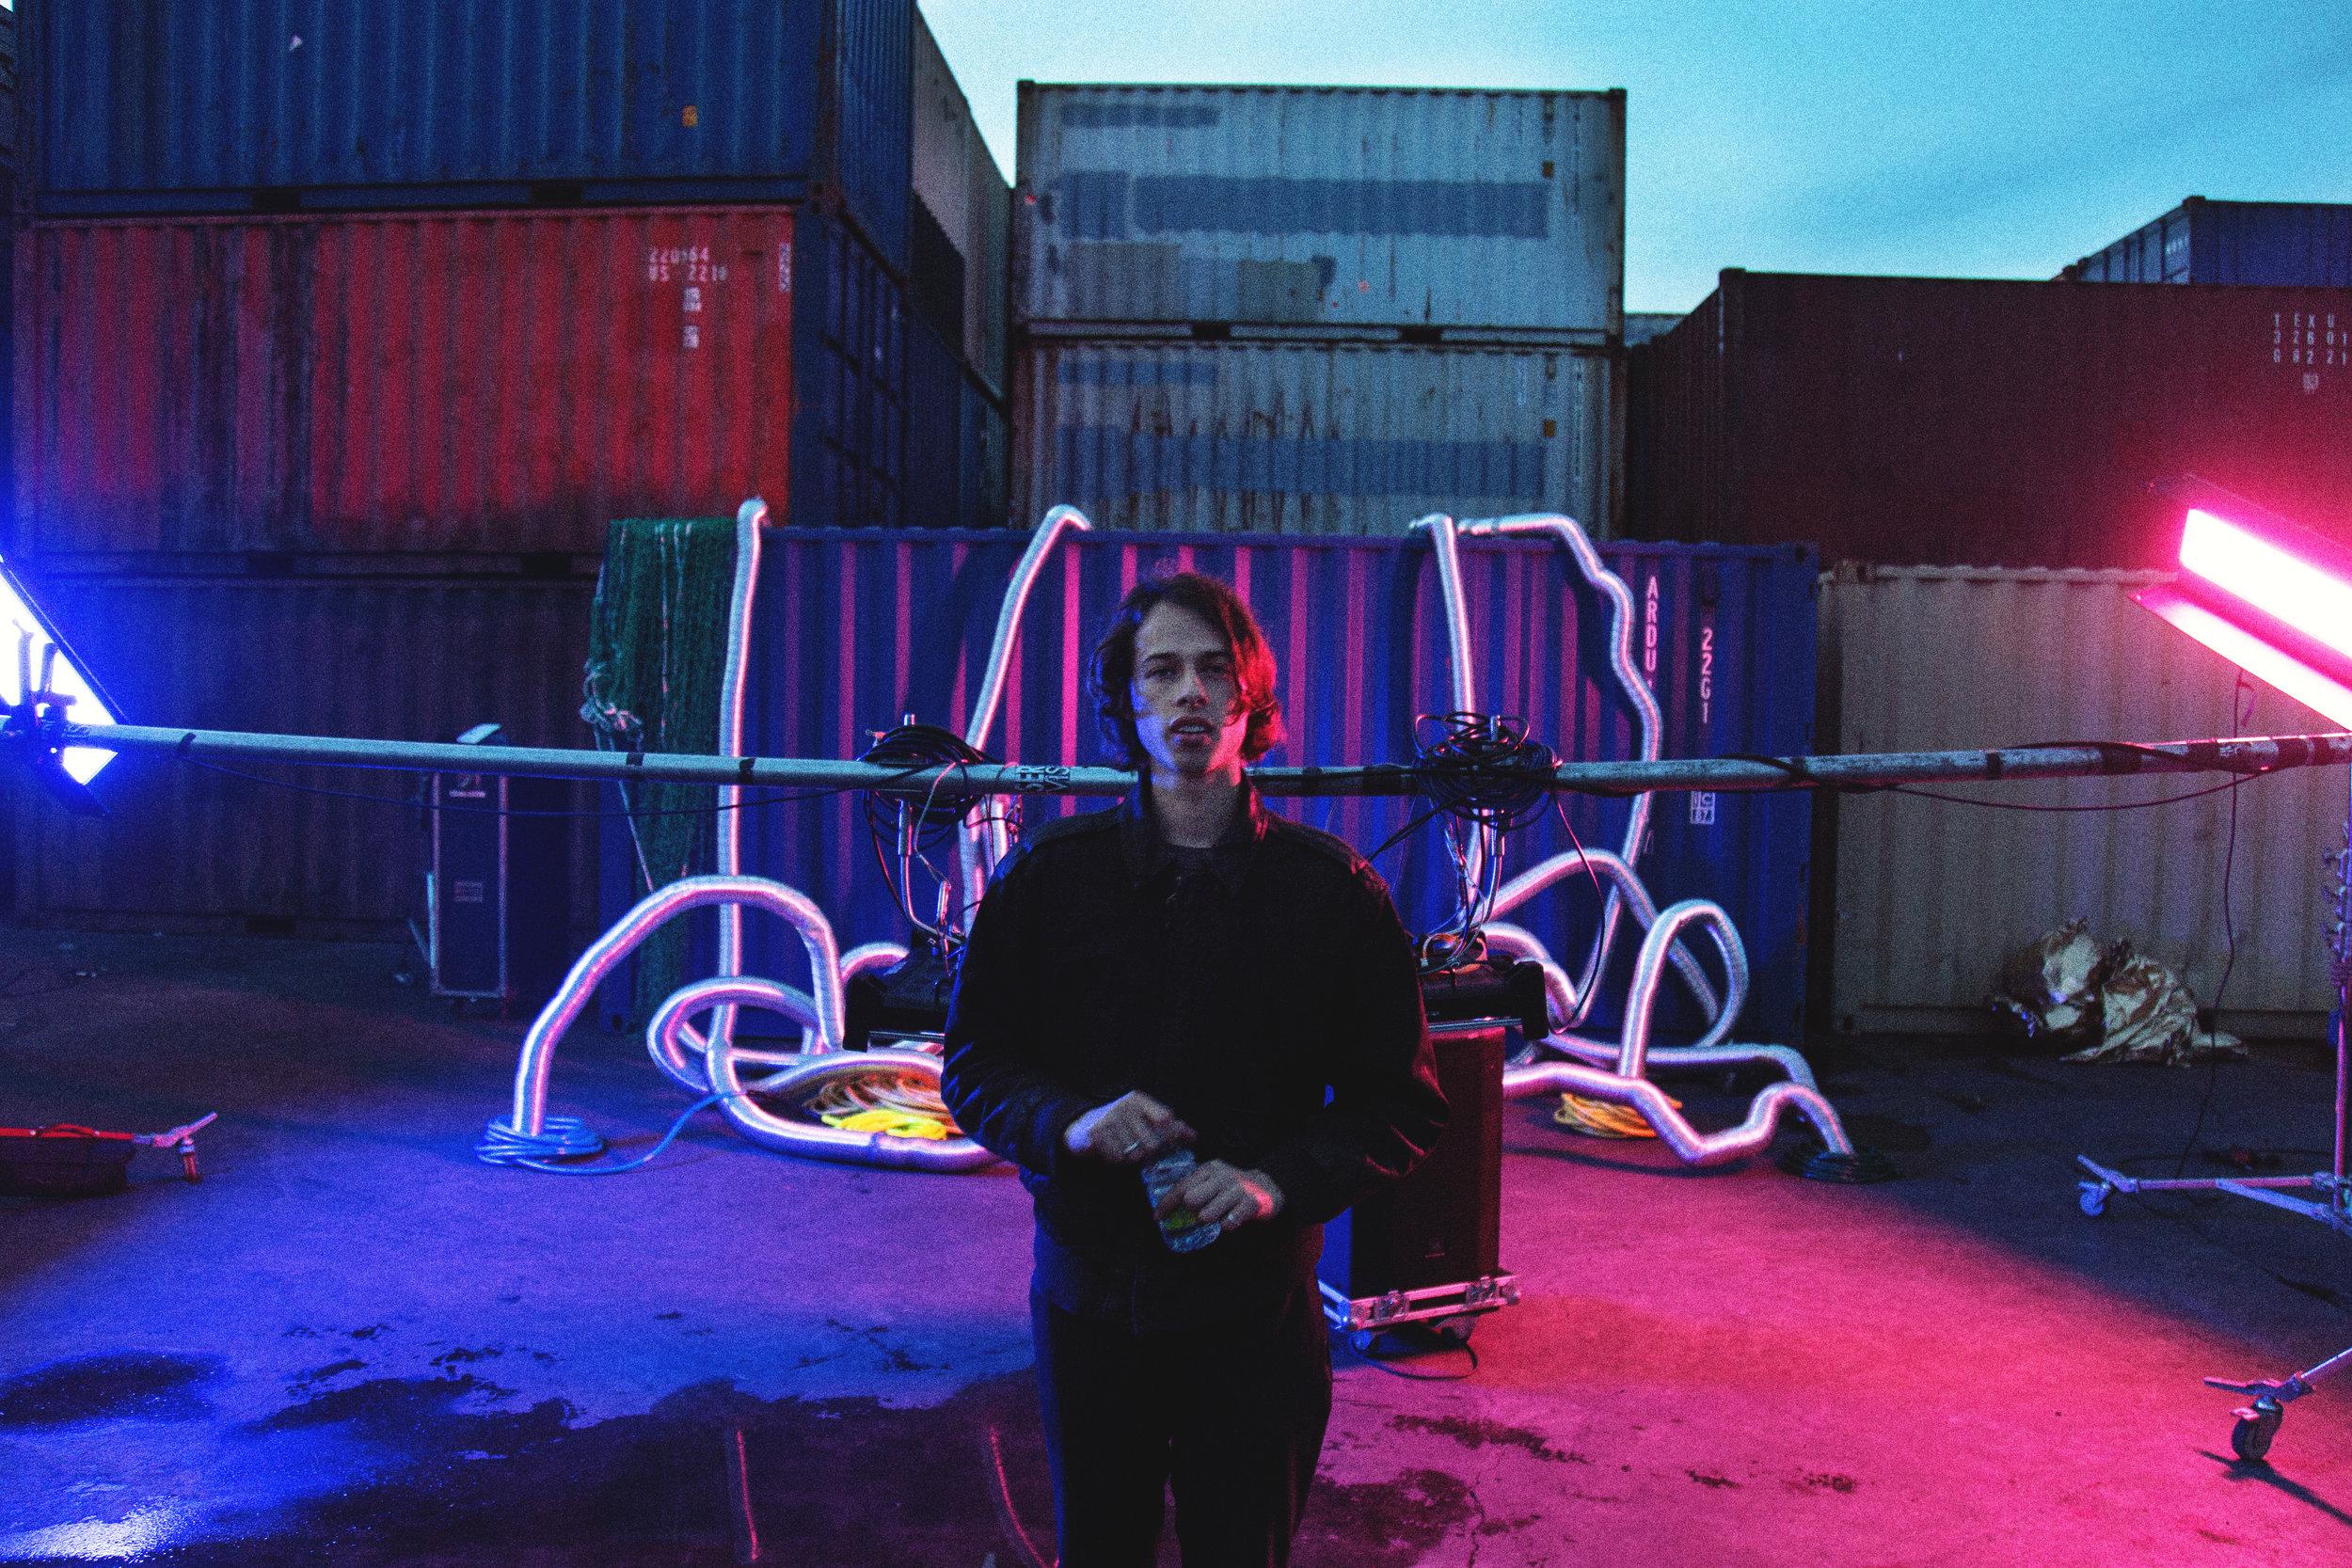 Alexis Gómez - Director y fotógrafo mexicano que ha trabajado junto a productoras reconocidas como CANADA (ESP), The Fantastical (USA), y Menos Que Cero (ESP) desarrollando campañas de conciertos y documentales para marcas como Budwiser y Noisey; además de eventos como el Festival Bona Nit.Titulado en Cinematografía en Barcelona, España.